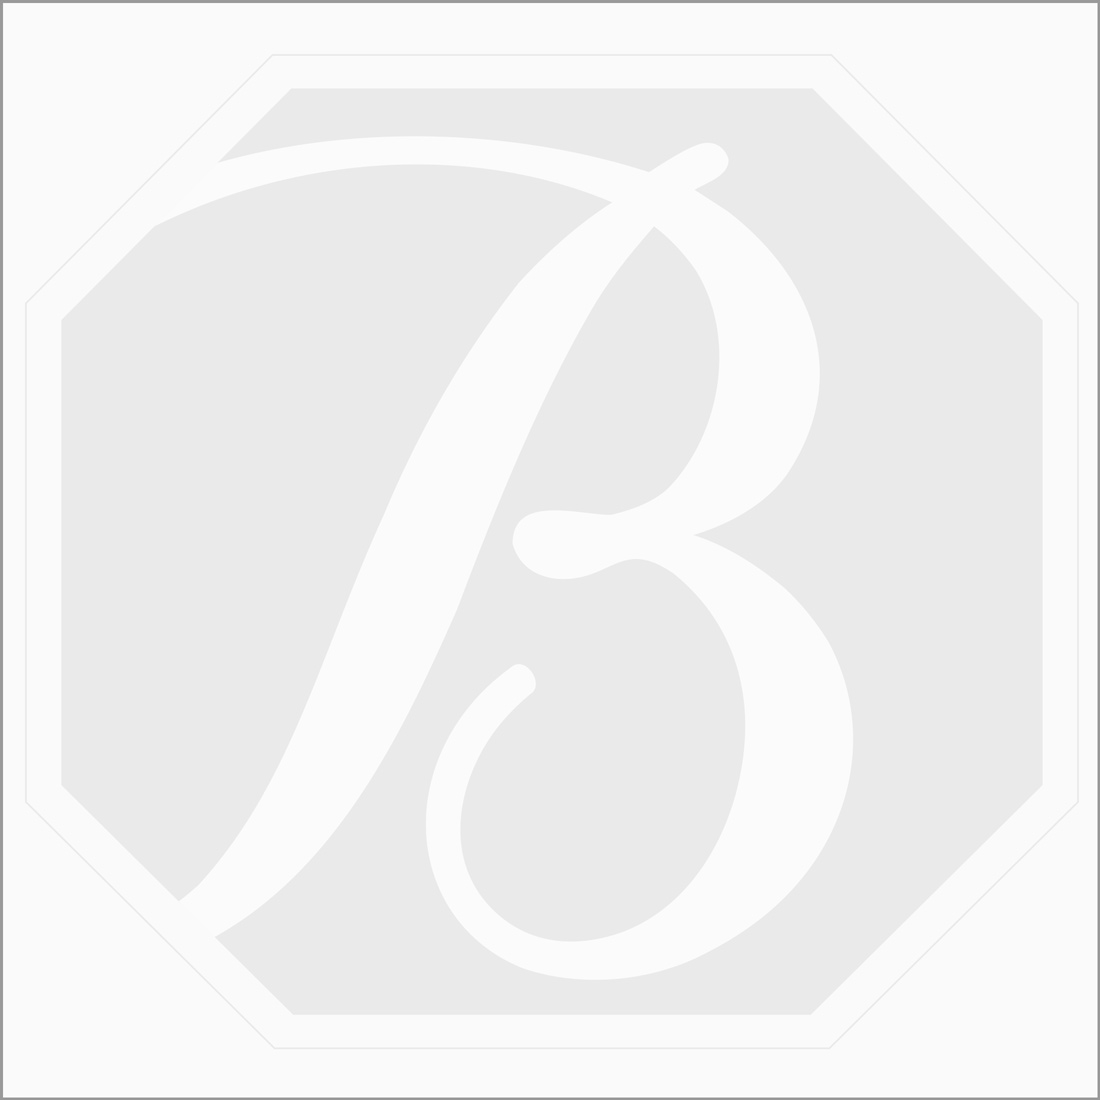 Multi Sapphire Briolettes - 1 Line - 77.50 carats - 17 inches - (MSDF1013)